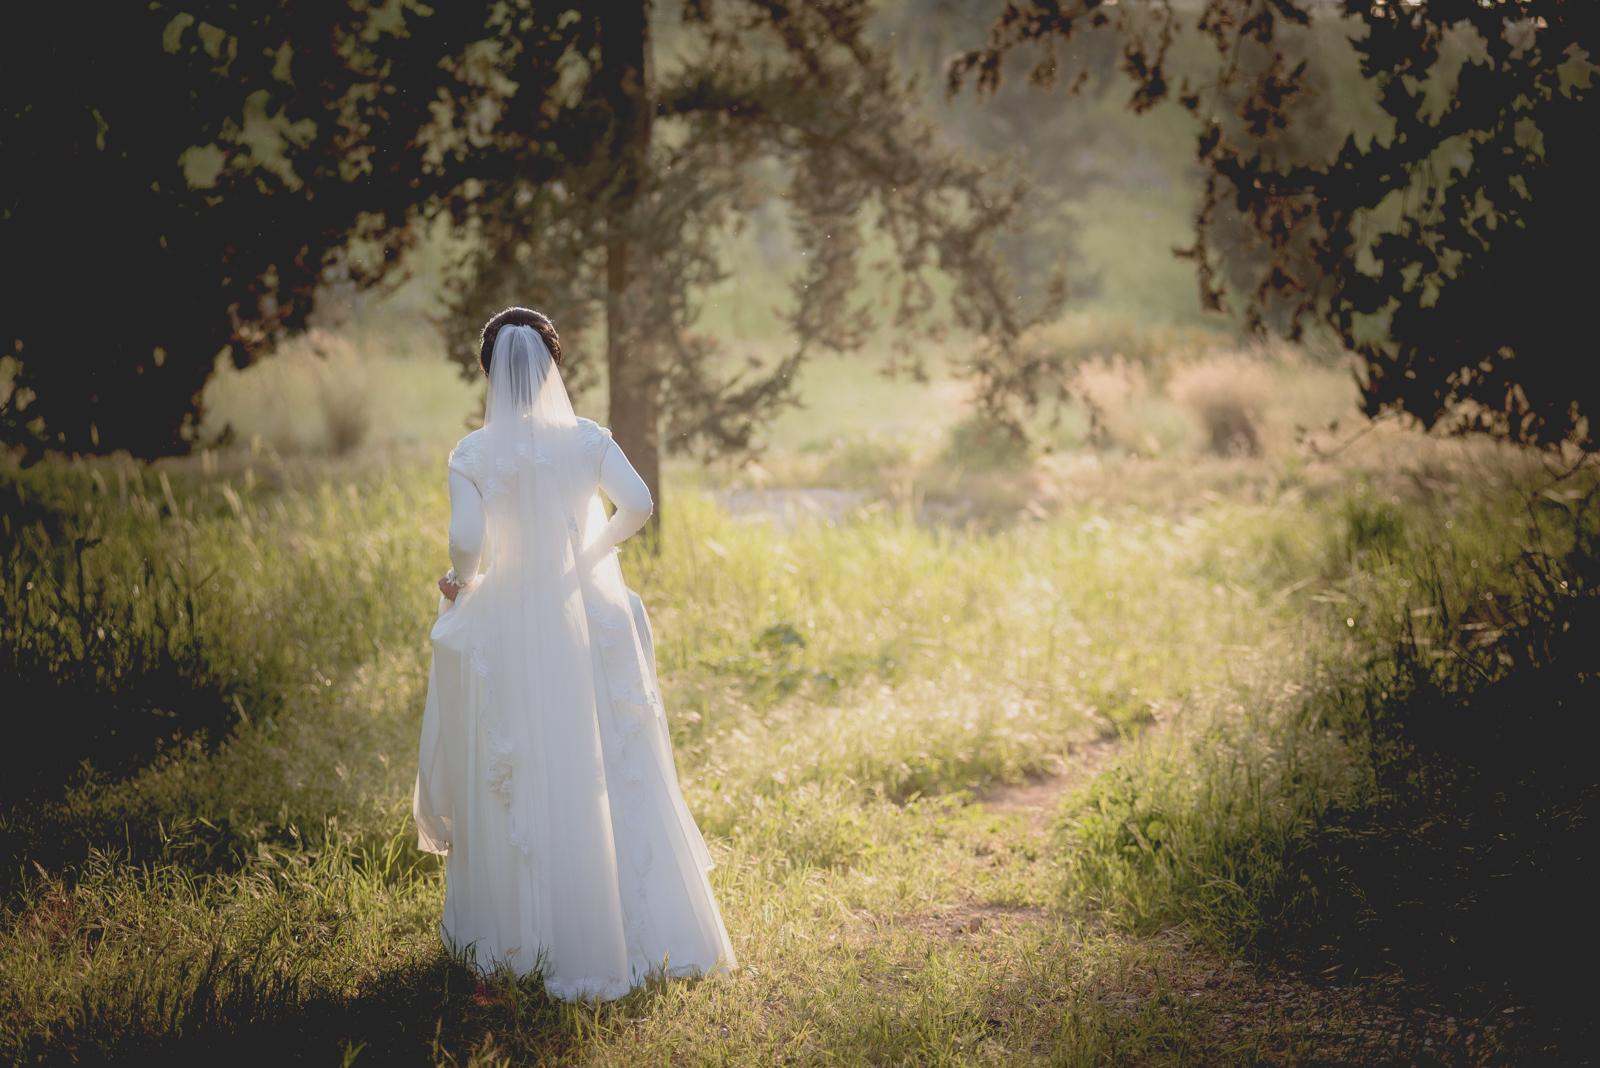 צלם לחתונה צילום חתונה-1005.jpg